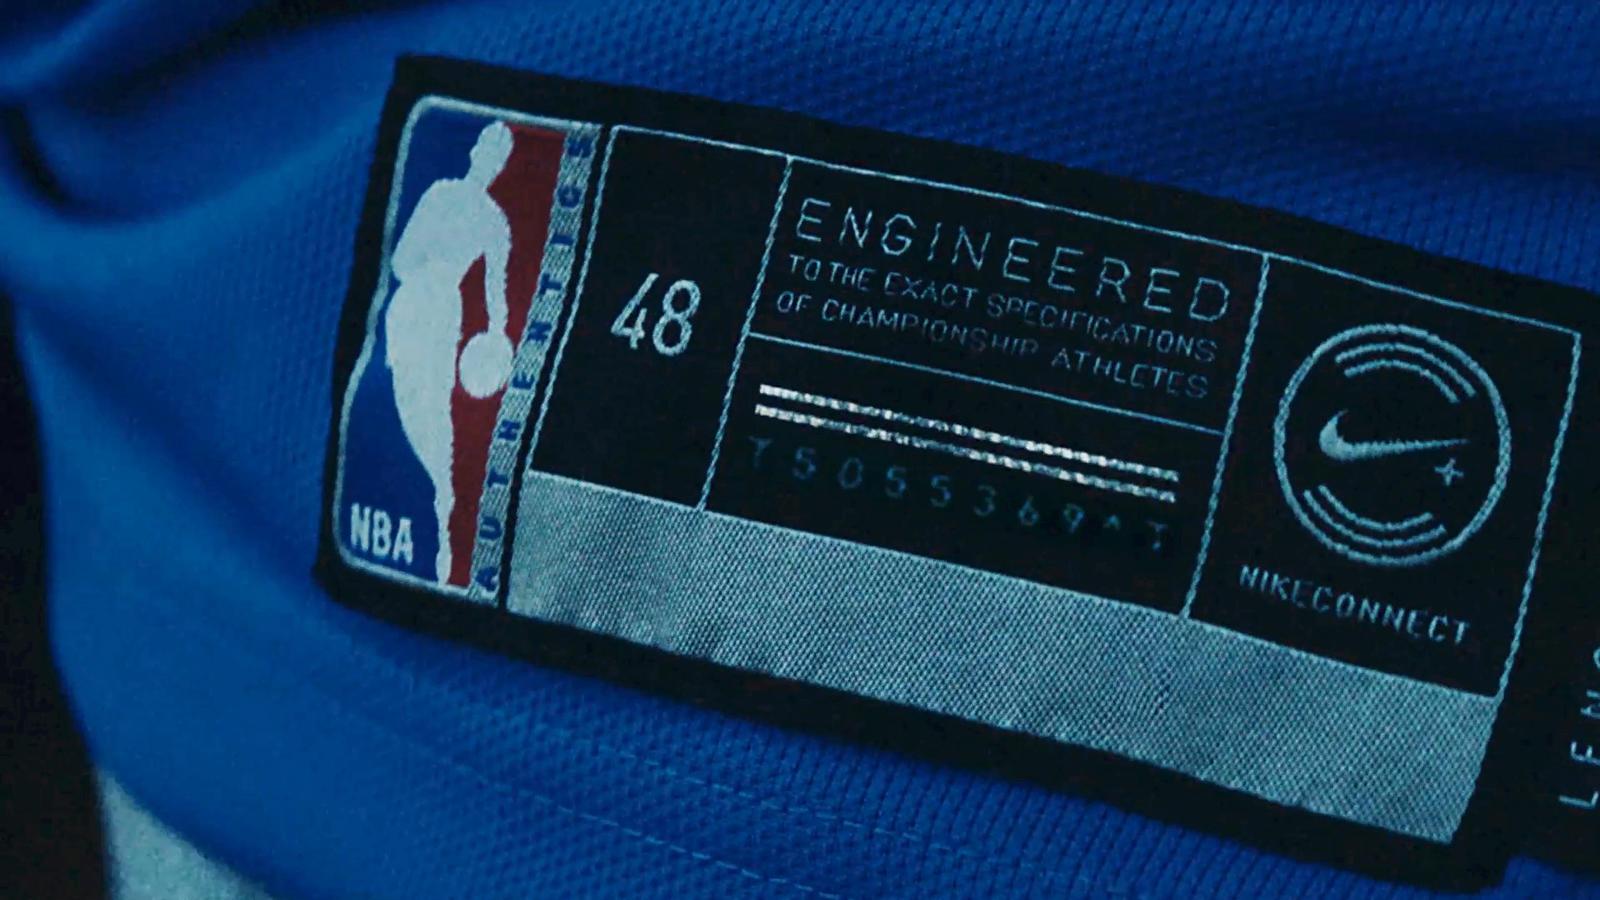 e28f539513bc6 Po spustení aplikácie stačí smartfón len priložiť na značku v spodnej časti  dresu a svet basketbalu je vám k dispozícii.